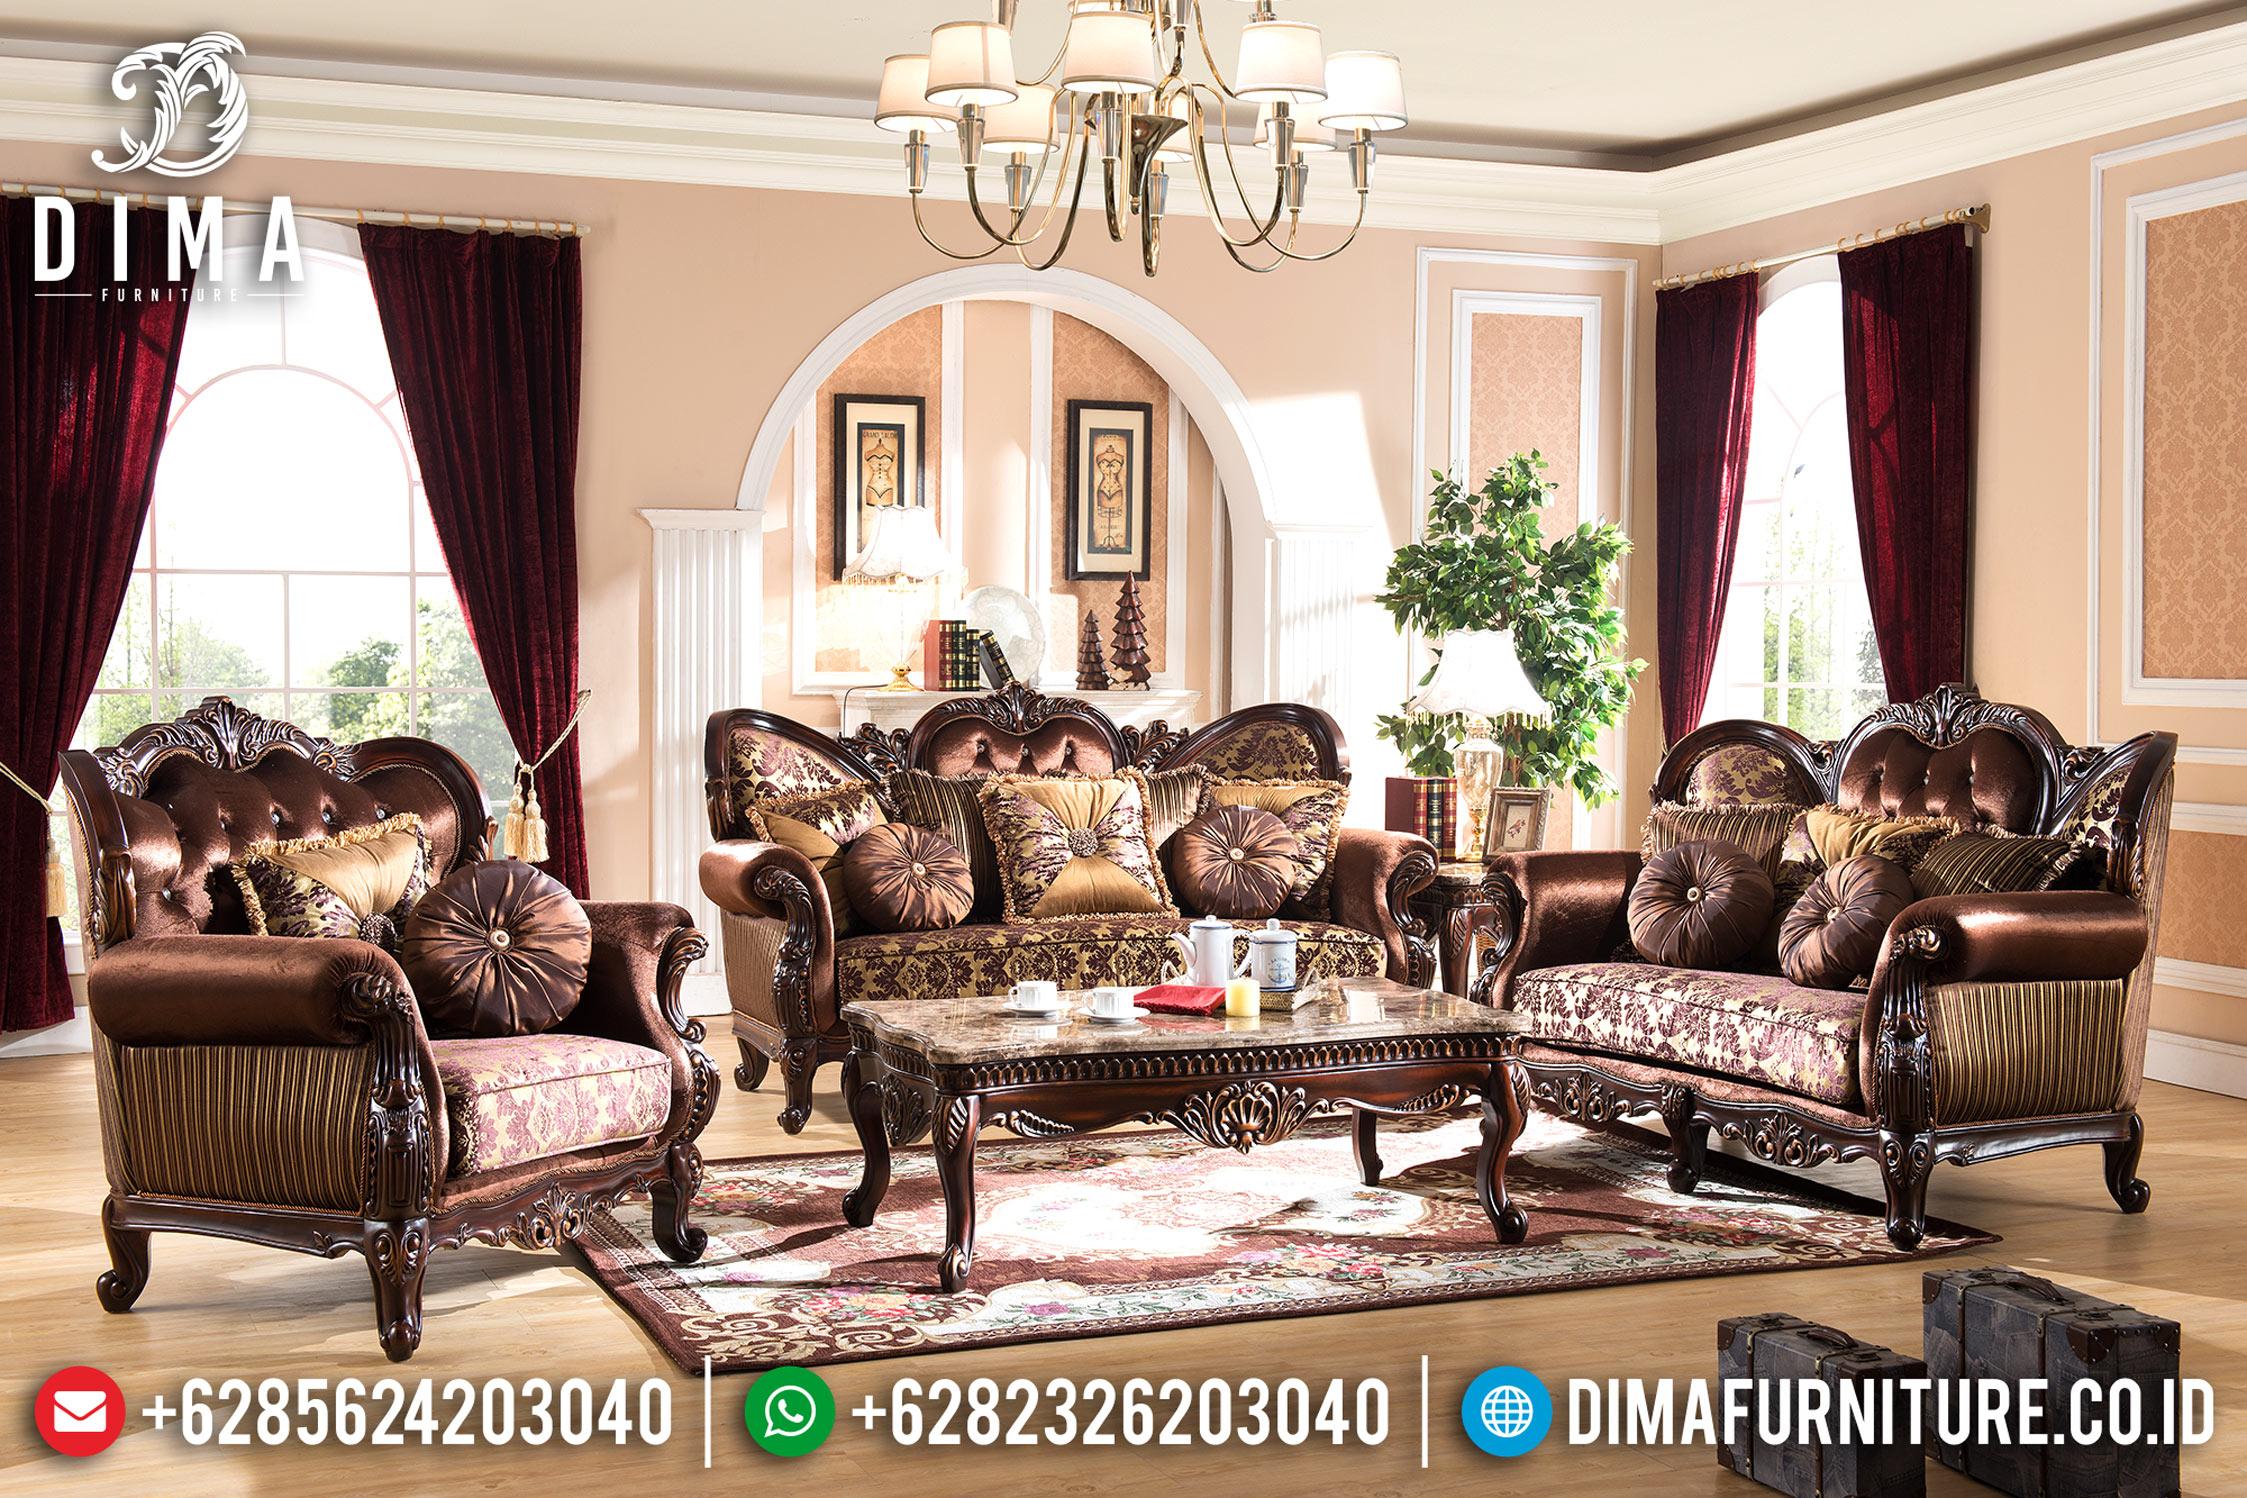 Jual Furniture Indonesia Set Sofa Tamu Mewah Jepara Klasik Natural DF-0685